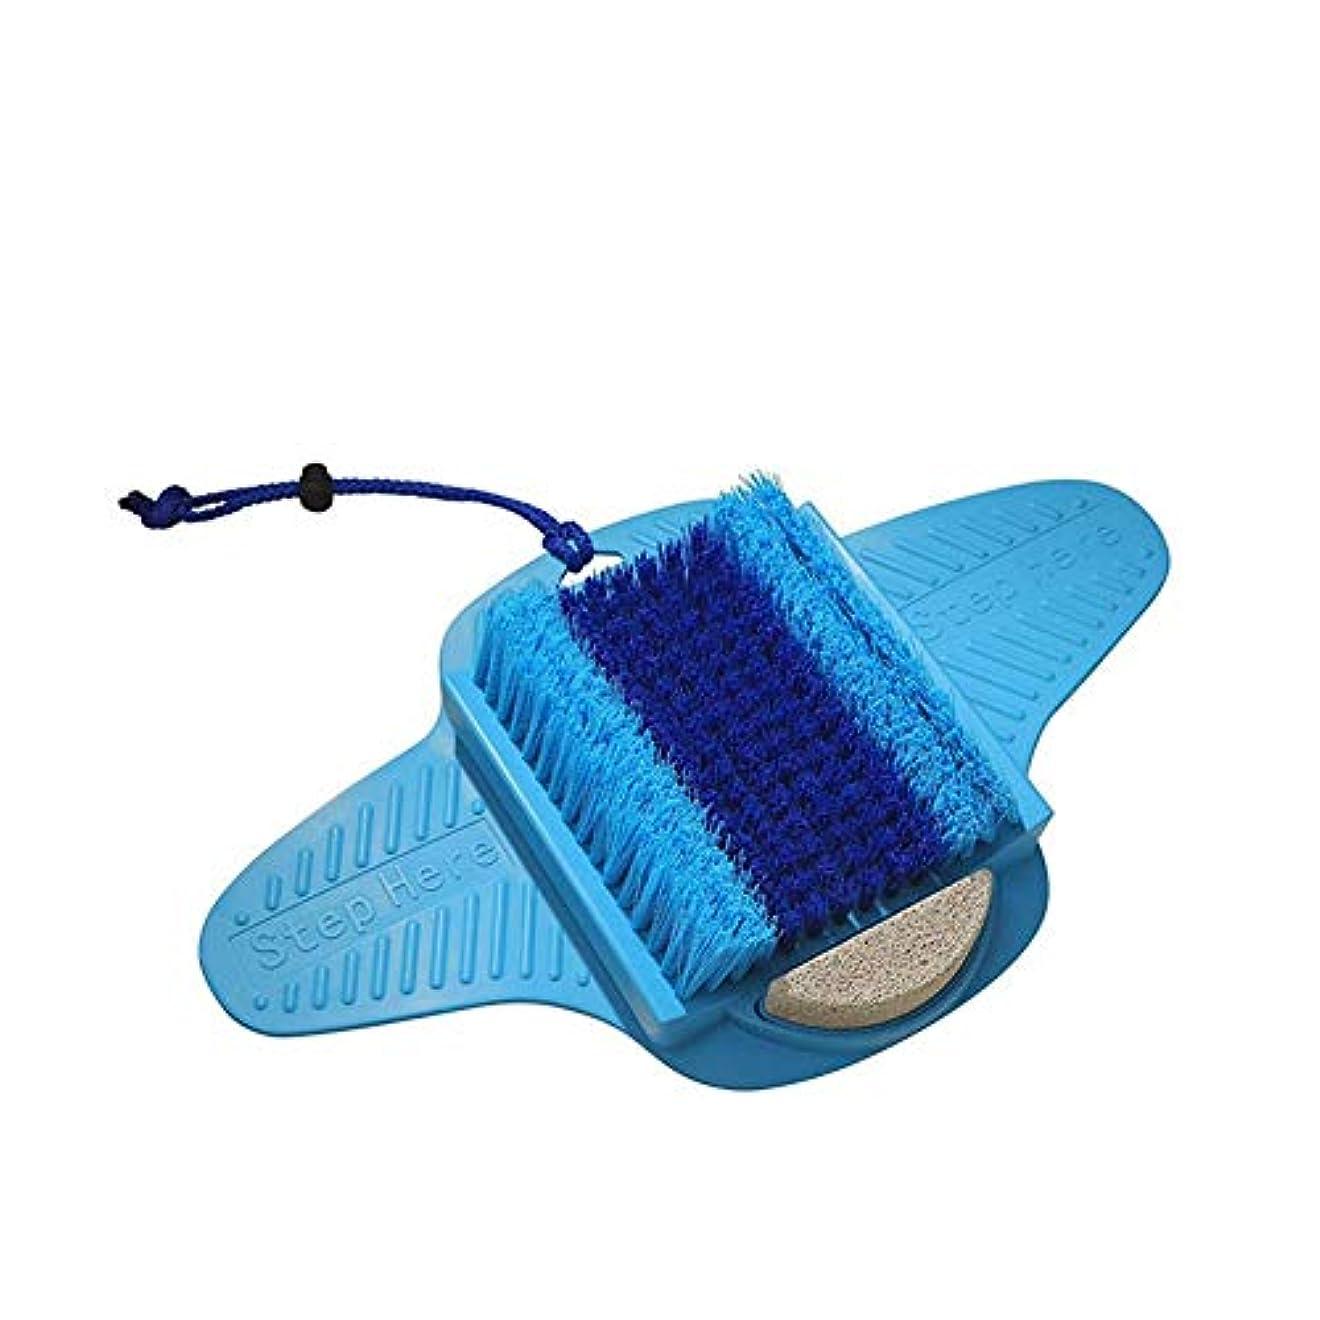 寝室統治する感心するフットファイル 角質リムーバー 軽石 角質削り フットスクラバー にとって 角質除去 フットマッサージ製品   スキンケアアクセサリー Cutelove